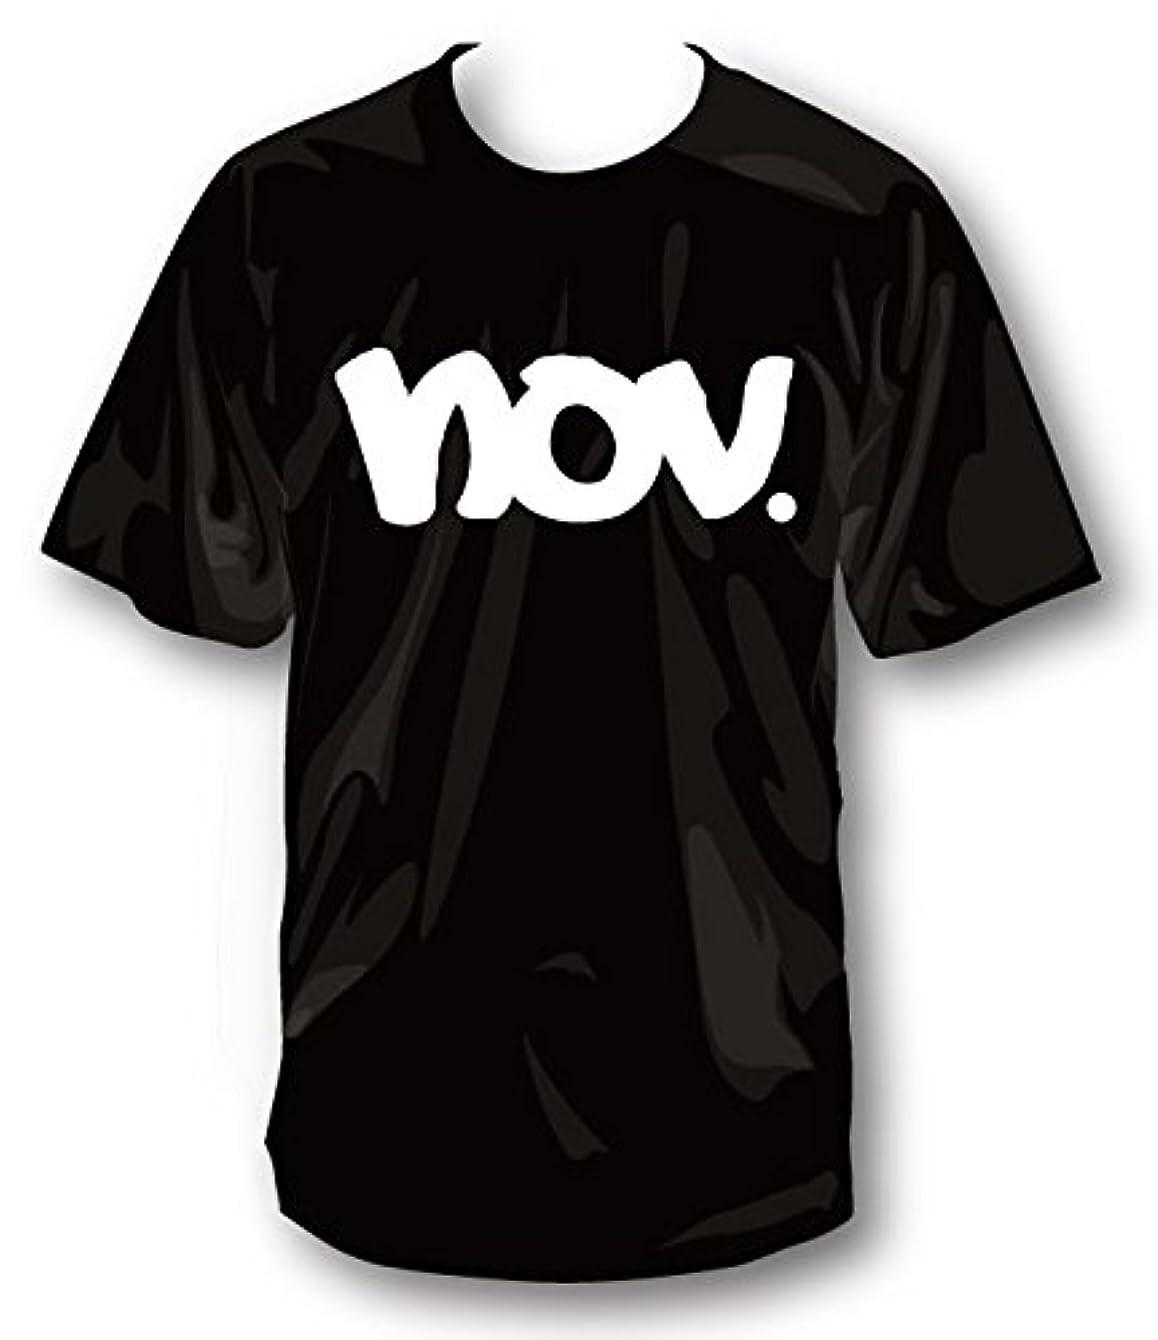 ナチュラ議論する大声で2019 NOVEMBER ノベンバー スノーボード T-LOGO [1] [2] コットンTシャツ 半袖 Tシャツ ユニセックス